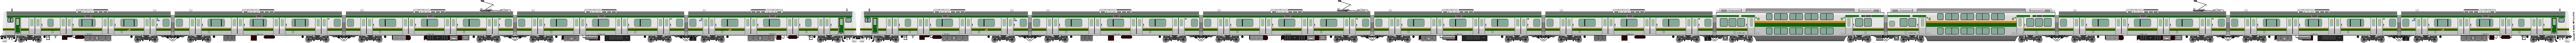 [5425] 東日本旅客鐵道 5425